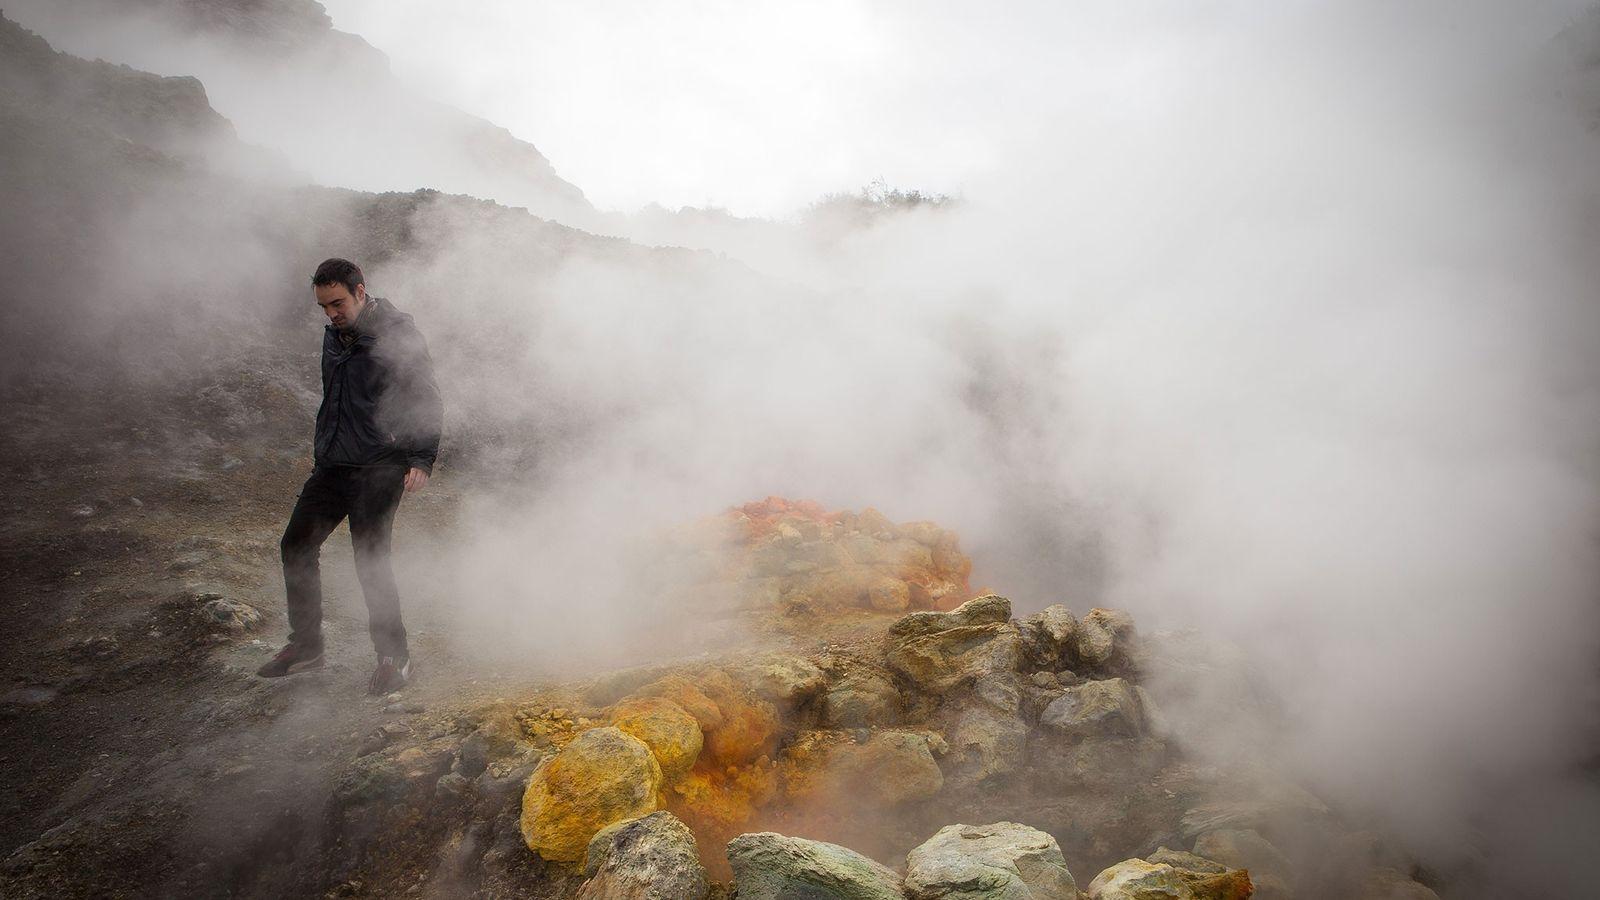 """Também conhecido como """"The Phlegrean Fields"""", os Campos Flégreos da Itália são um complexo vulcânico composto ..."""